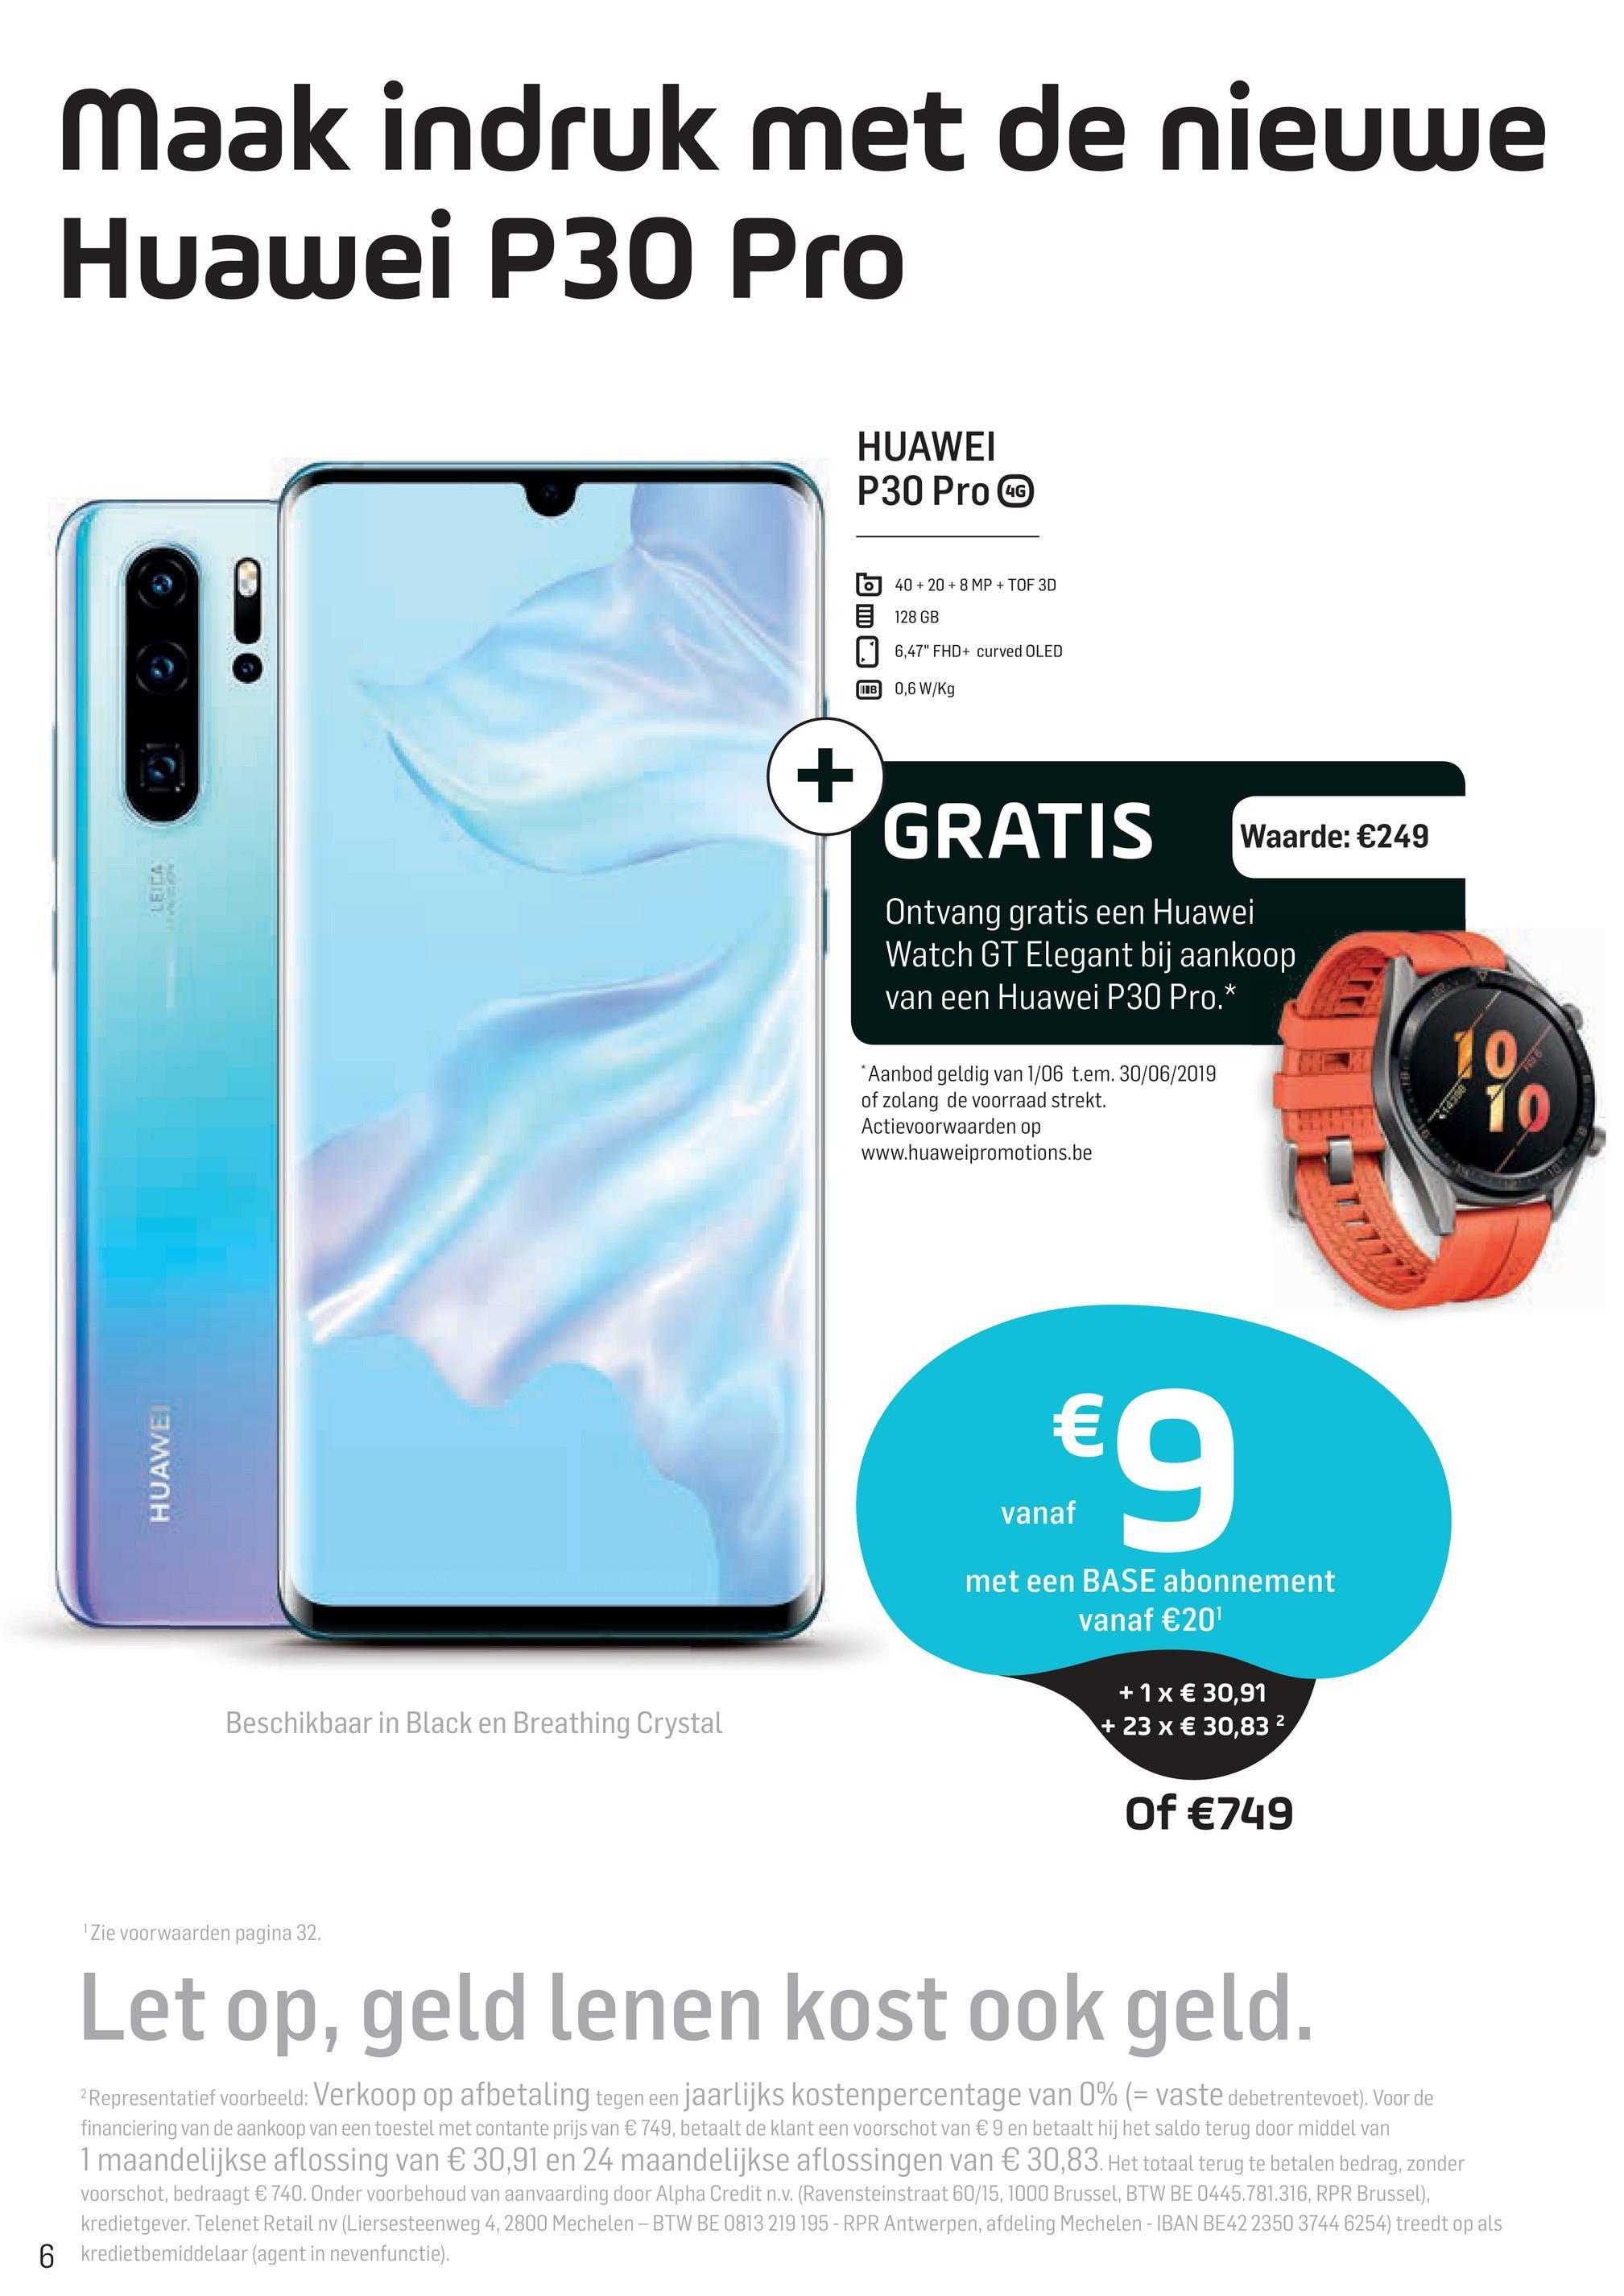 """Maak indruk met de nieuwe Huawei P30 Pro HUAWEI P30 Pro CC 40+20 + 8 MP + TOF 3D 5 128 GB 1, 6,47"""" FHD+ curved OLED B 0,6 W/Kg GRATIS Waarde: €249 LEIDA Ontvang gratis een Huawei Watch GT Elegant bij aankoop van een Huawei P30 Pro.* *Aanbod geldig van 1/06 t.em. 30/06/2019 of zolang de voorraad strekt. Actievoorwaarden op www.huaweipromotions.be HUAWEI € vanaf vanaf met een BASE abonnement vanaf €20 Beschikbaar in Black en Breathing Crystal + 1x € 30,91 + 23 x € 30,832 Of €749 """"Zie voorwaarden pagina 32. Let op, geld lenen kost ook geld. 2 Representatief voorbeeld: Verkoop op afbetaling tegen een jaarlijks kostenpercentage van 0% (= vaste debetrentevoet). Voor de financiering van de aankoop van een toestel met contante prijs van € 749, betaalt de klant een voorschot van € 9 en betaalt hij het saldo terug door middel van 1 maandelijkse aflossing van € 30,91 en 24 maandelijkse aflossingen van € 30,83. Het totaal terug te betalen bedrag, zonder voorschot, bedraagt € 740. Onder voorbehoud van aanvaarding door Alpha Credit n.v. (Ravensteinstraat 60/15, 1000 Brussel, BTW BE 0445.781.316, RPR Brussel), kredietgever. Telenet Retail nv (Liersesteenweg 4, 2800 Mechelen - BTW BE 0813 219 195 - RPR Antwerpen, afdeling Mechelen - IBAN BE42 2350 3744 6254) treedt op als kredietbemiddelaar (agent in nevenfunctie)."""